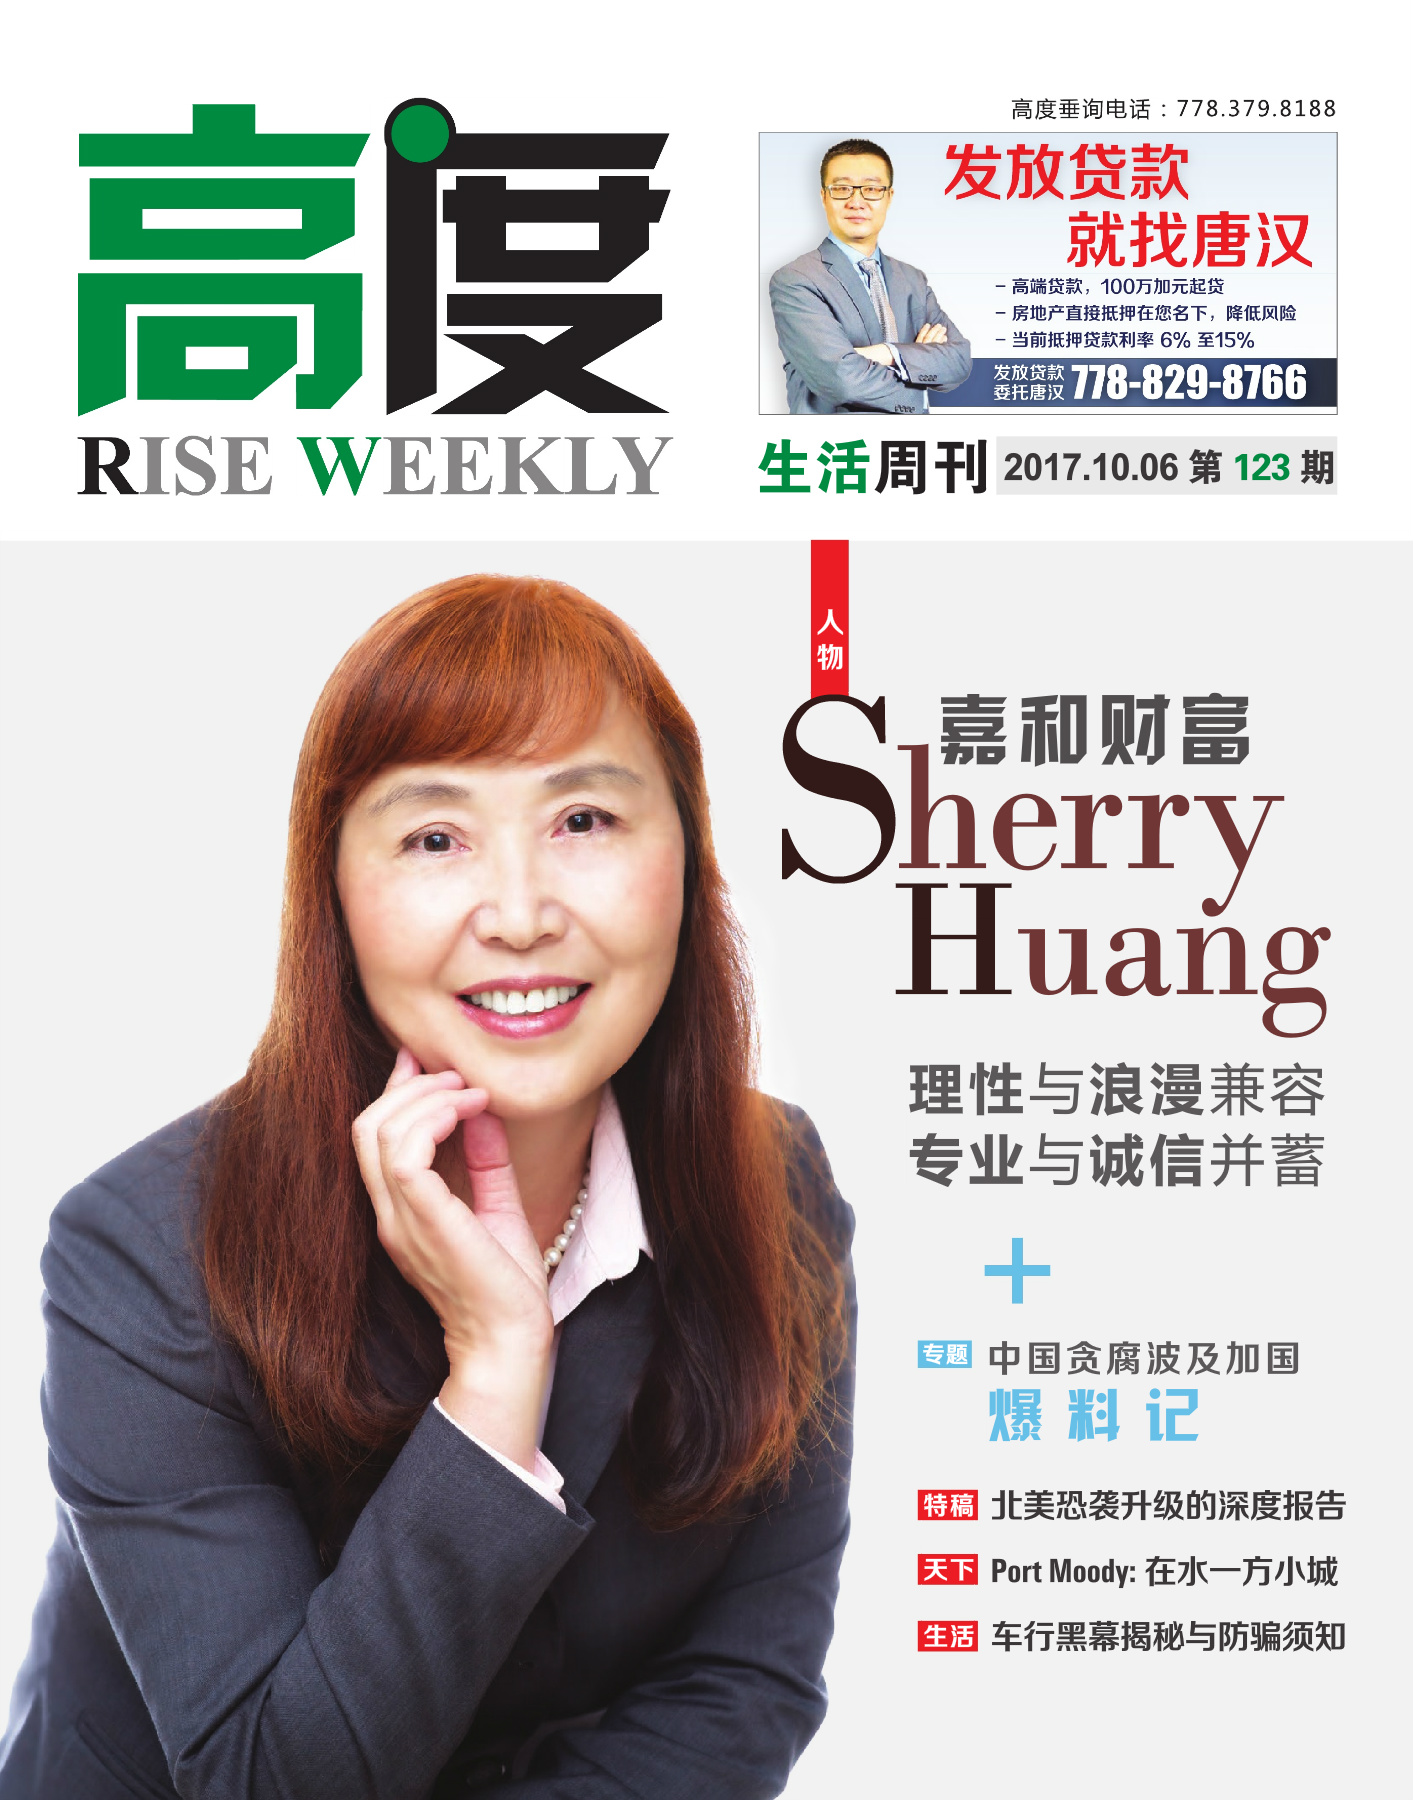 高度生活周刊 2017年10月06日 第123期